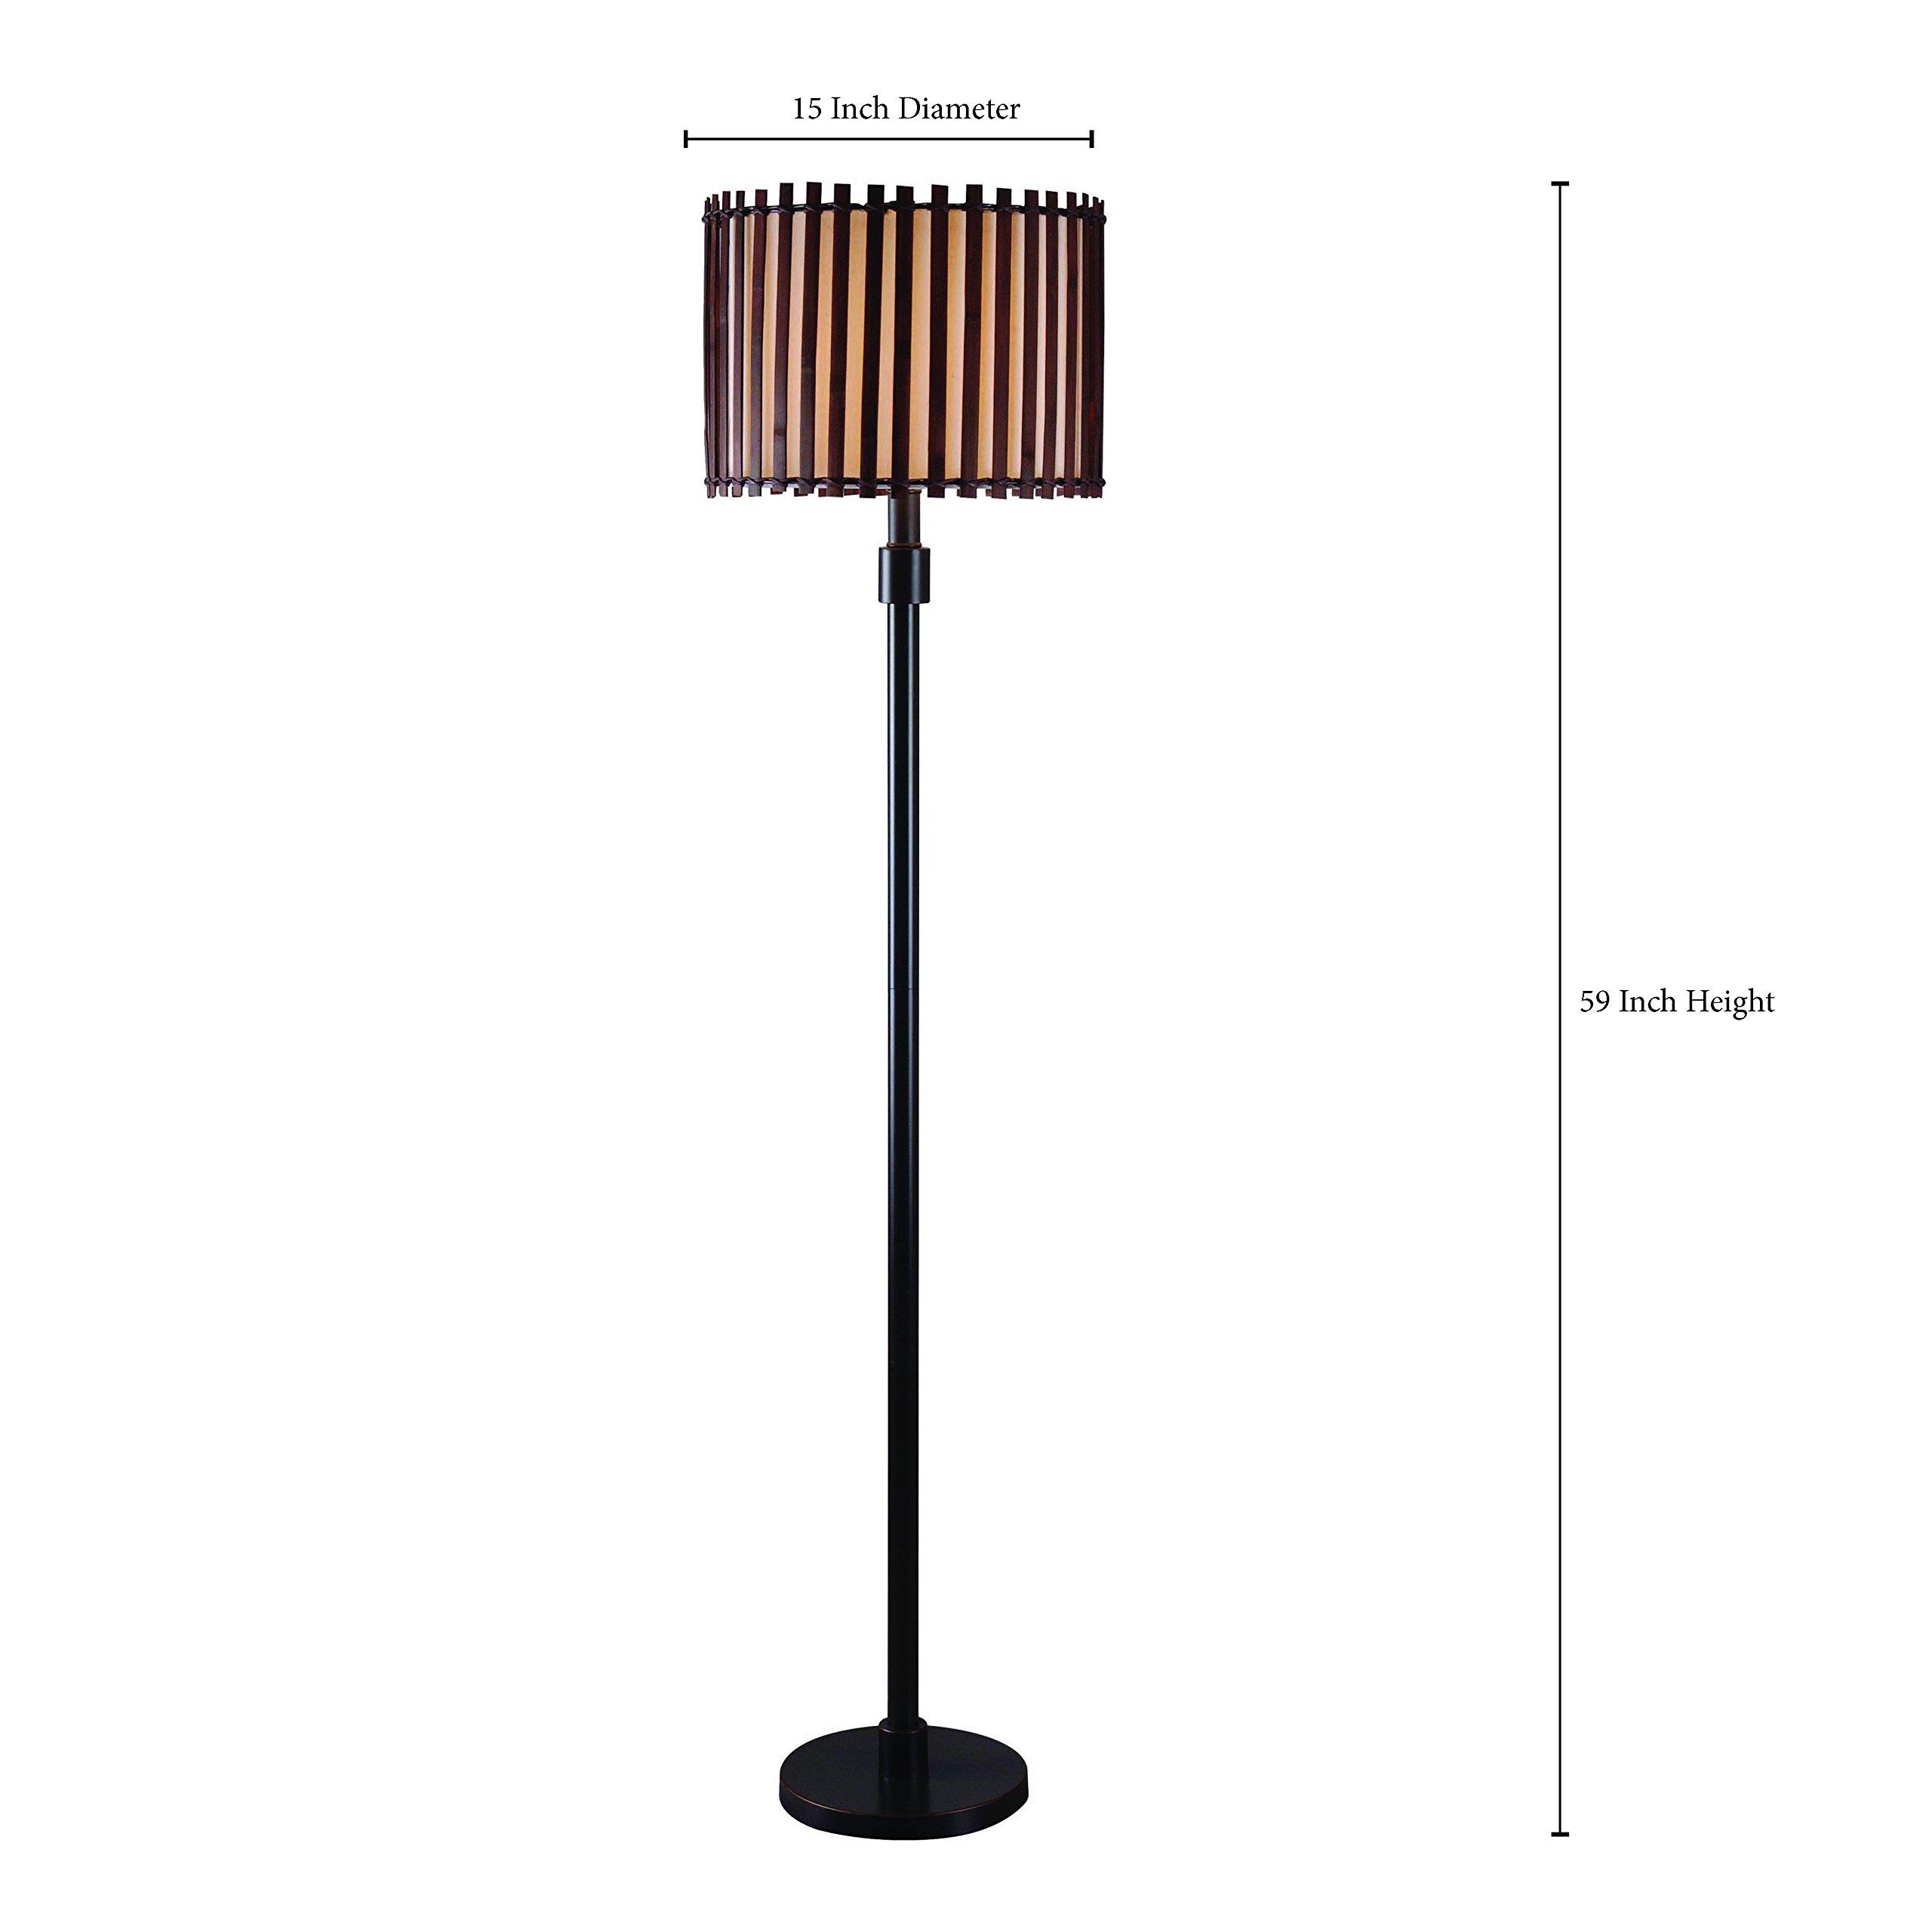 Kenroy Home 32280BRZ Bora Outdoor Floor Lamp, Bronze Finish